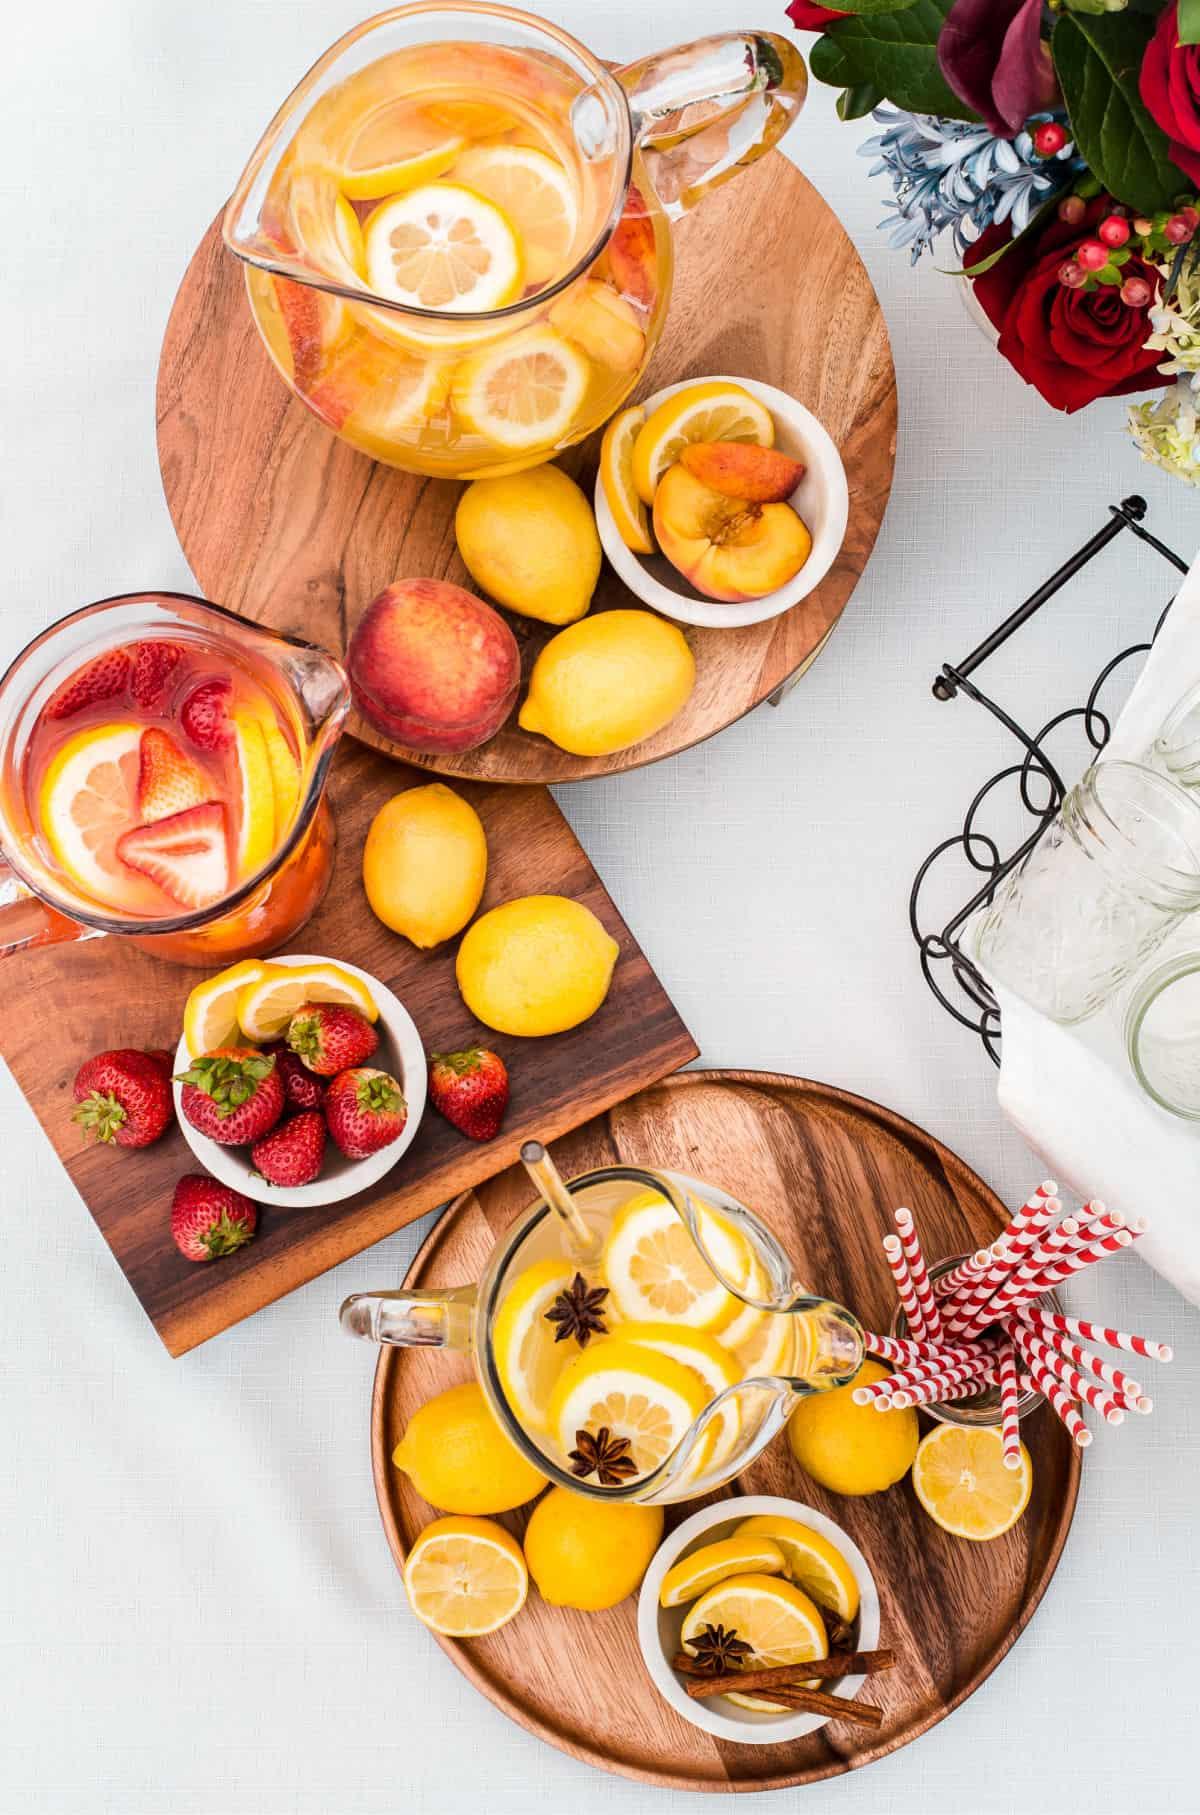 pitchers of lemonade on wood trays, on white table with fresh fruit garnish